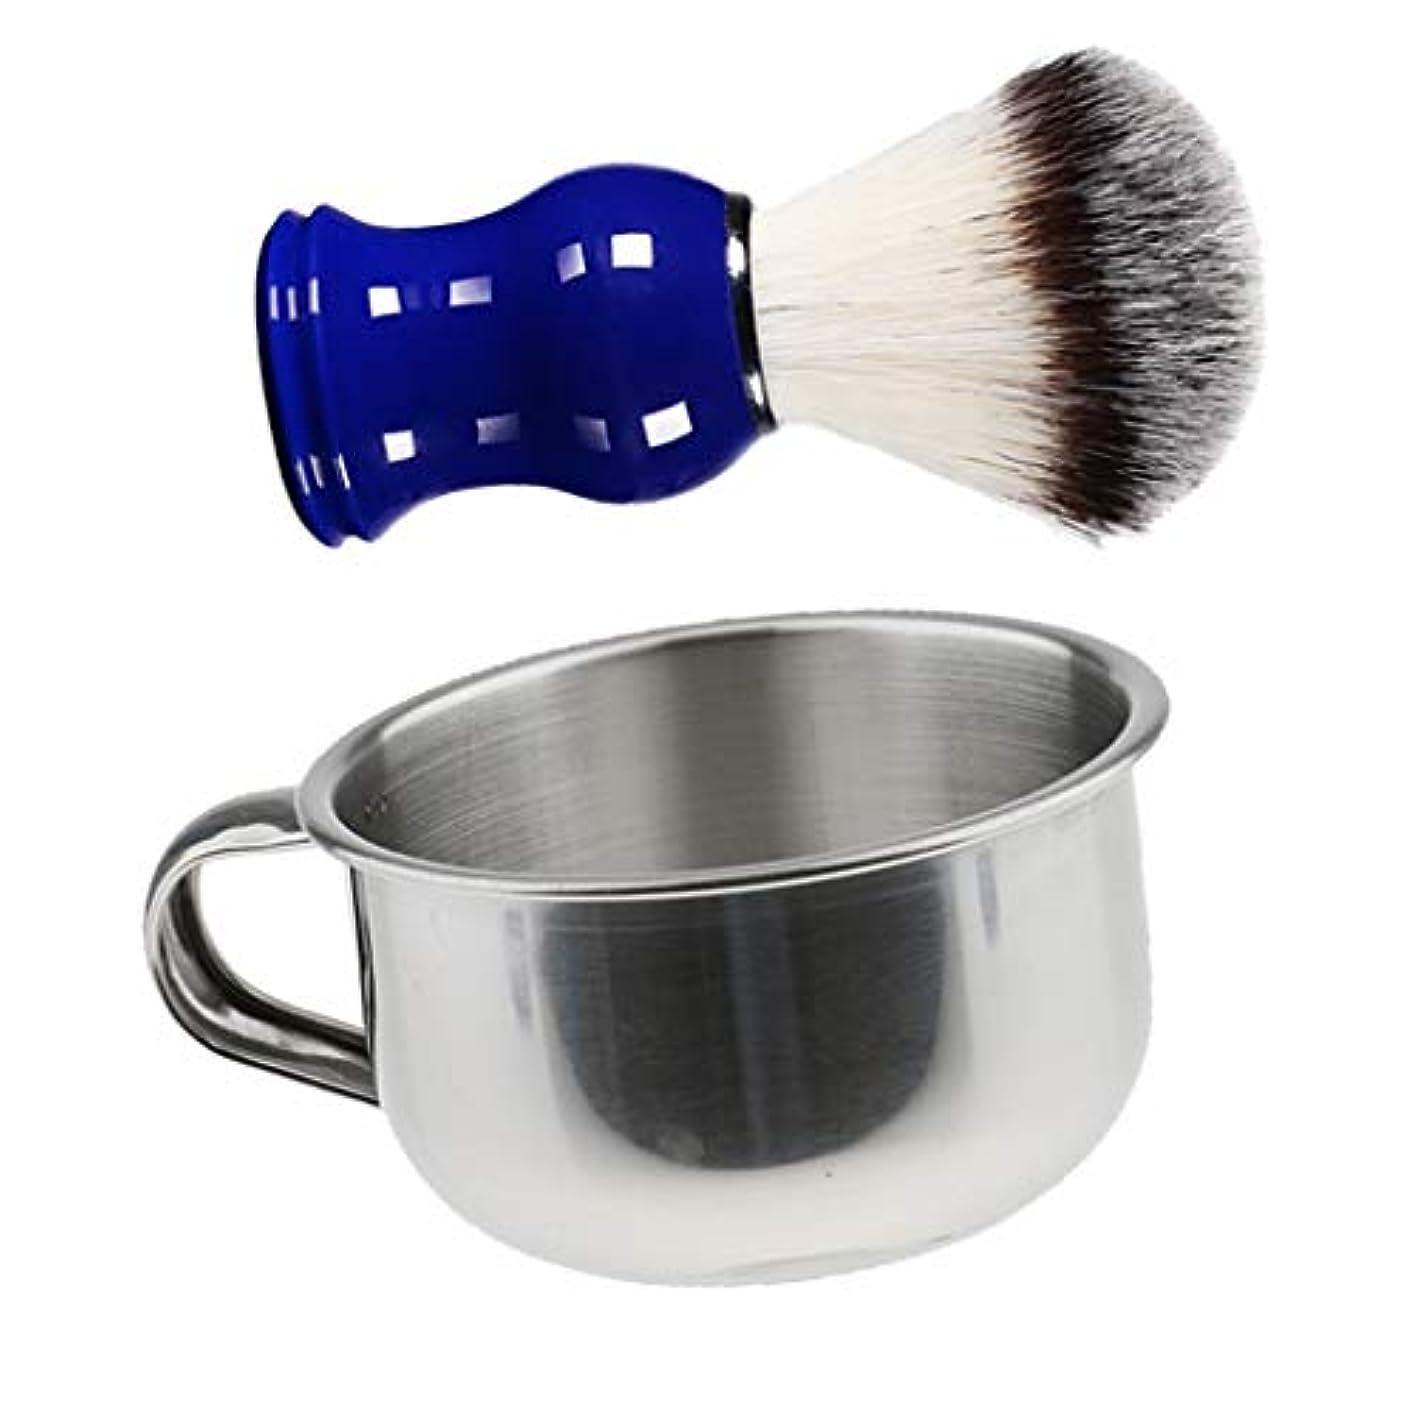 ハイジャック反対した寄稿者chiwanji メンズ シェービング マグ ボウル カップ ステンレス製 シェービング用ブラシ 理容 洗顔 髭剃り